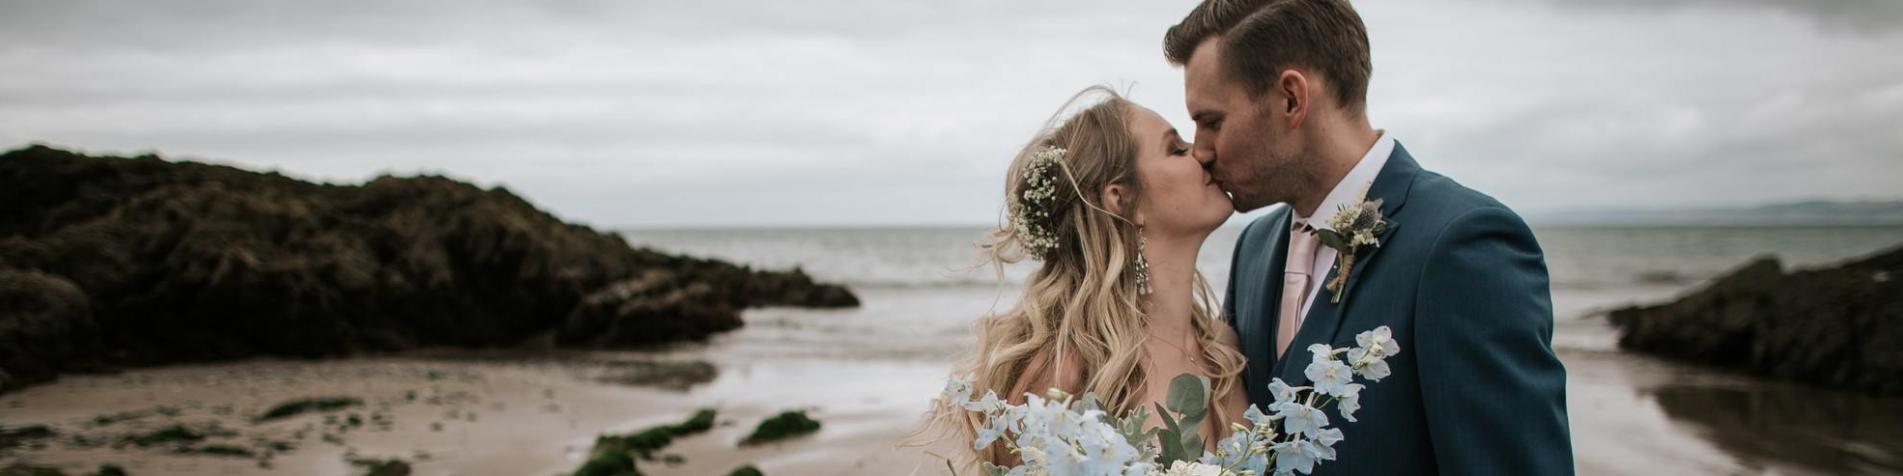 Romantic Coastal Wedding - Polhawn Fort, Cornwall